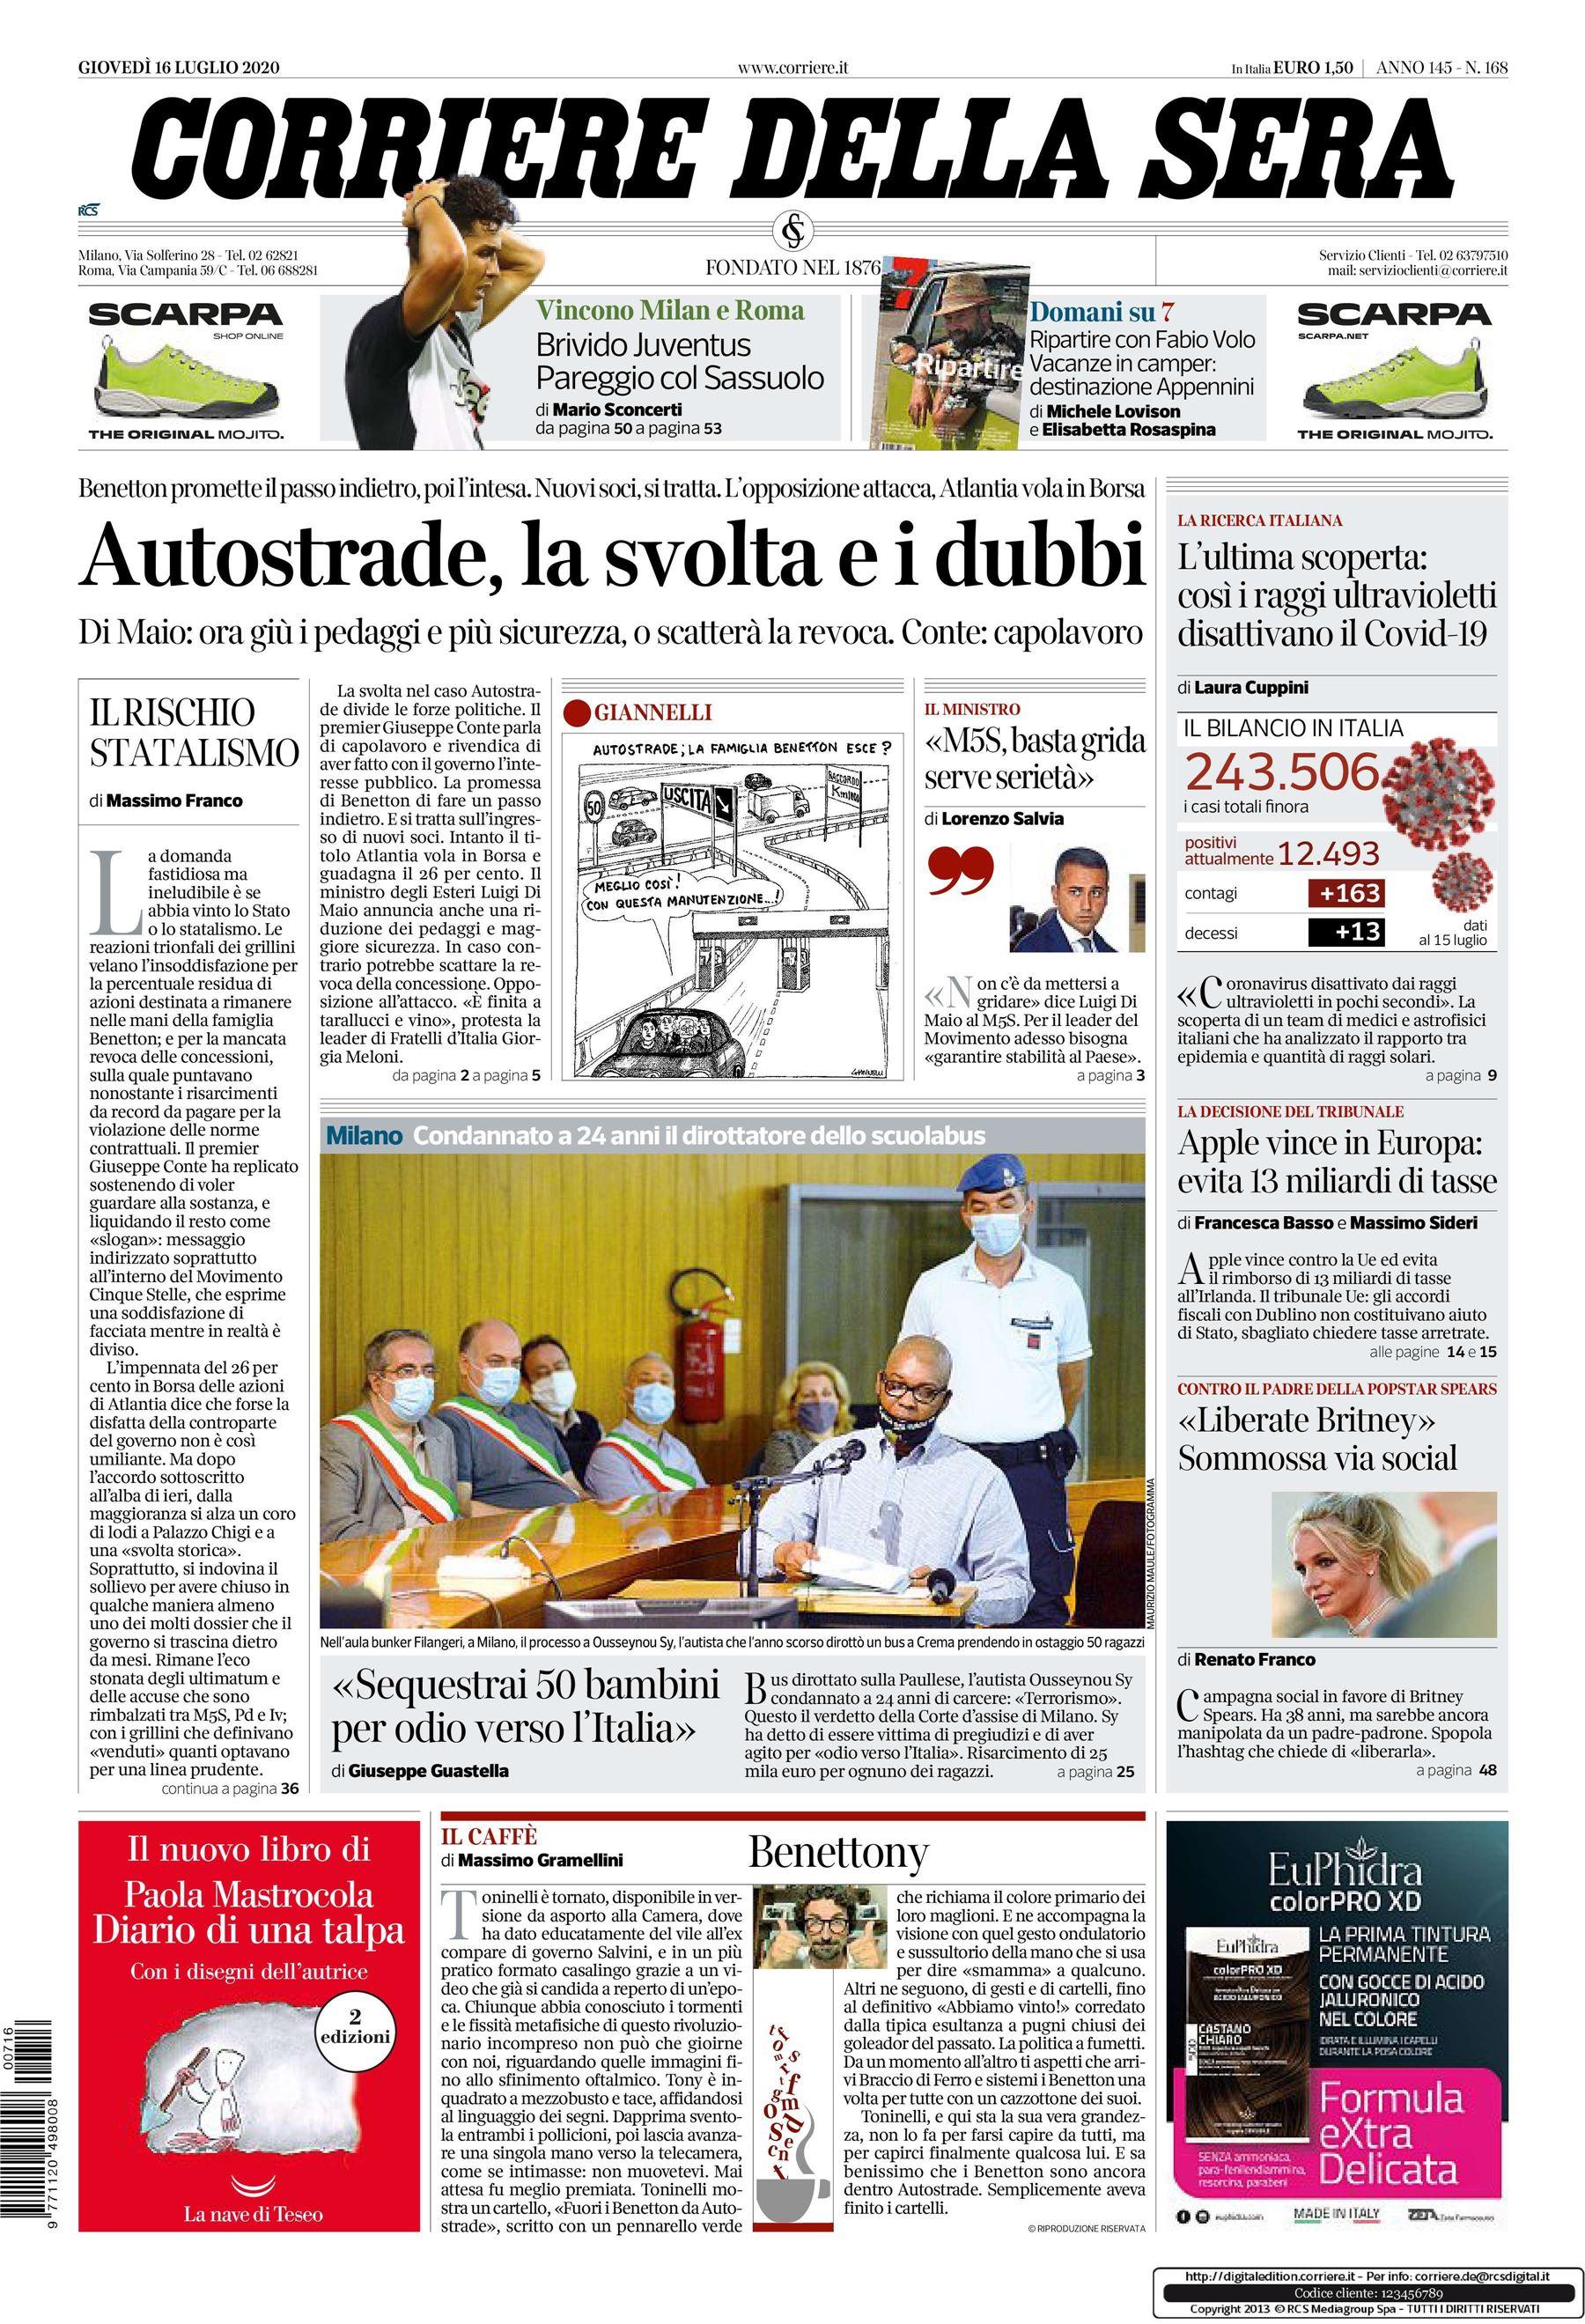 Le notizie di oggi in prima pagina: il Corriere della Sera d